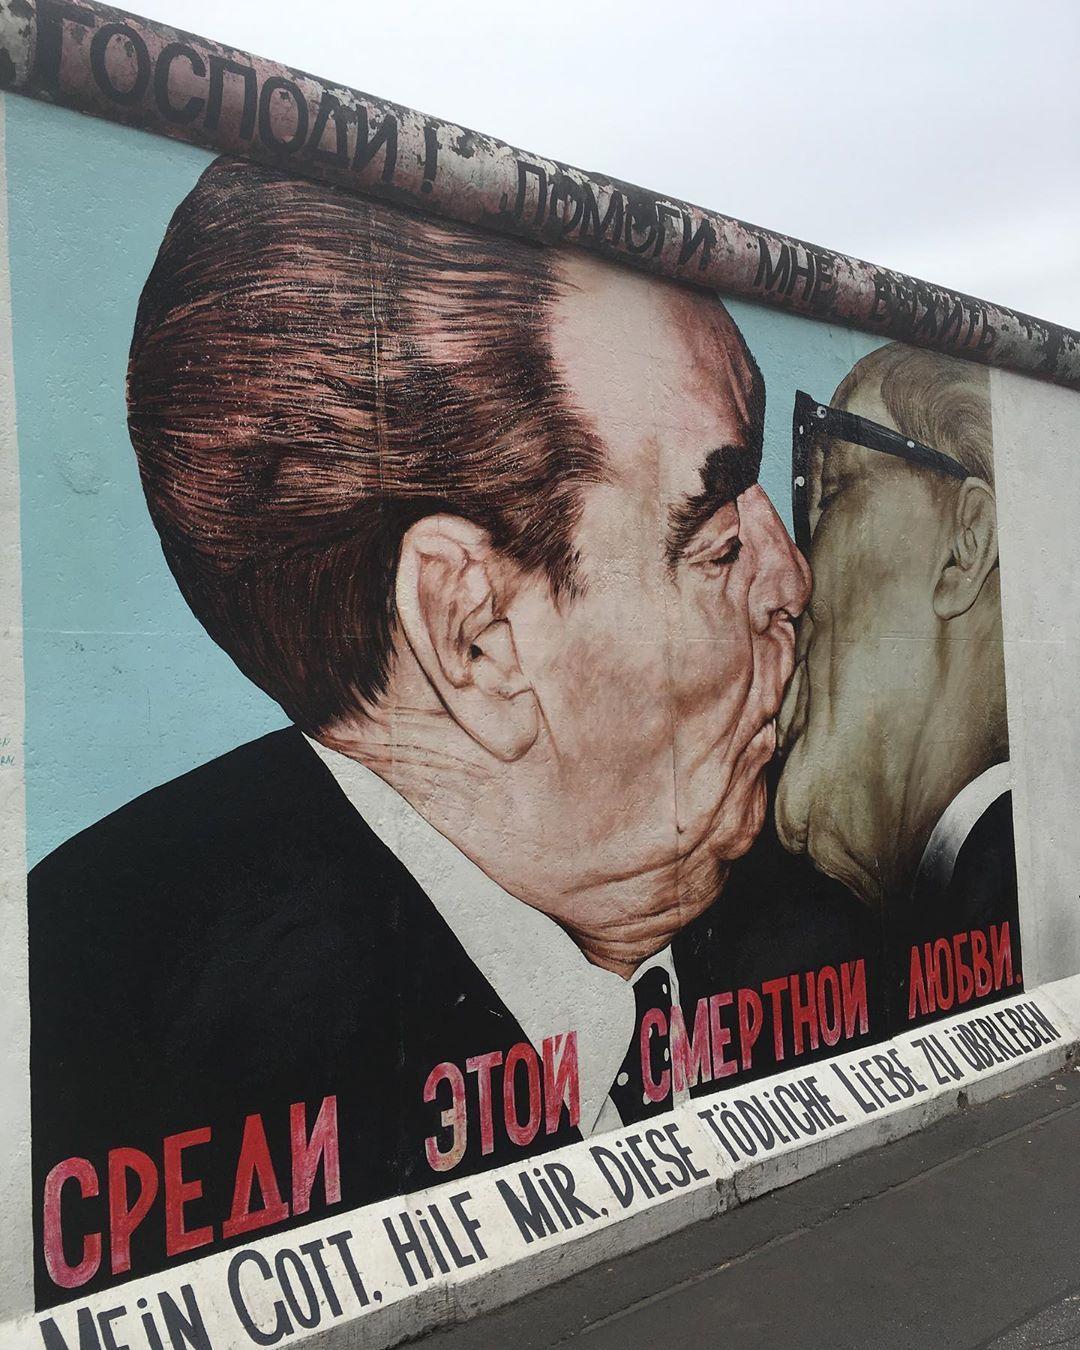 La East Side Gallery Es Una Galería De Arte Al Aire Libre Situada Sobre Una Sección De 1 316 Metros En La Cara Este Del Muro De Berlín Que Fueron Salvados Del